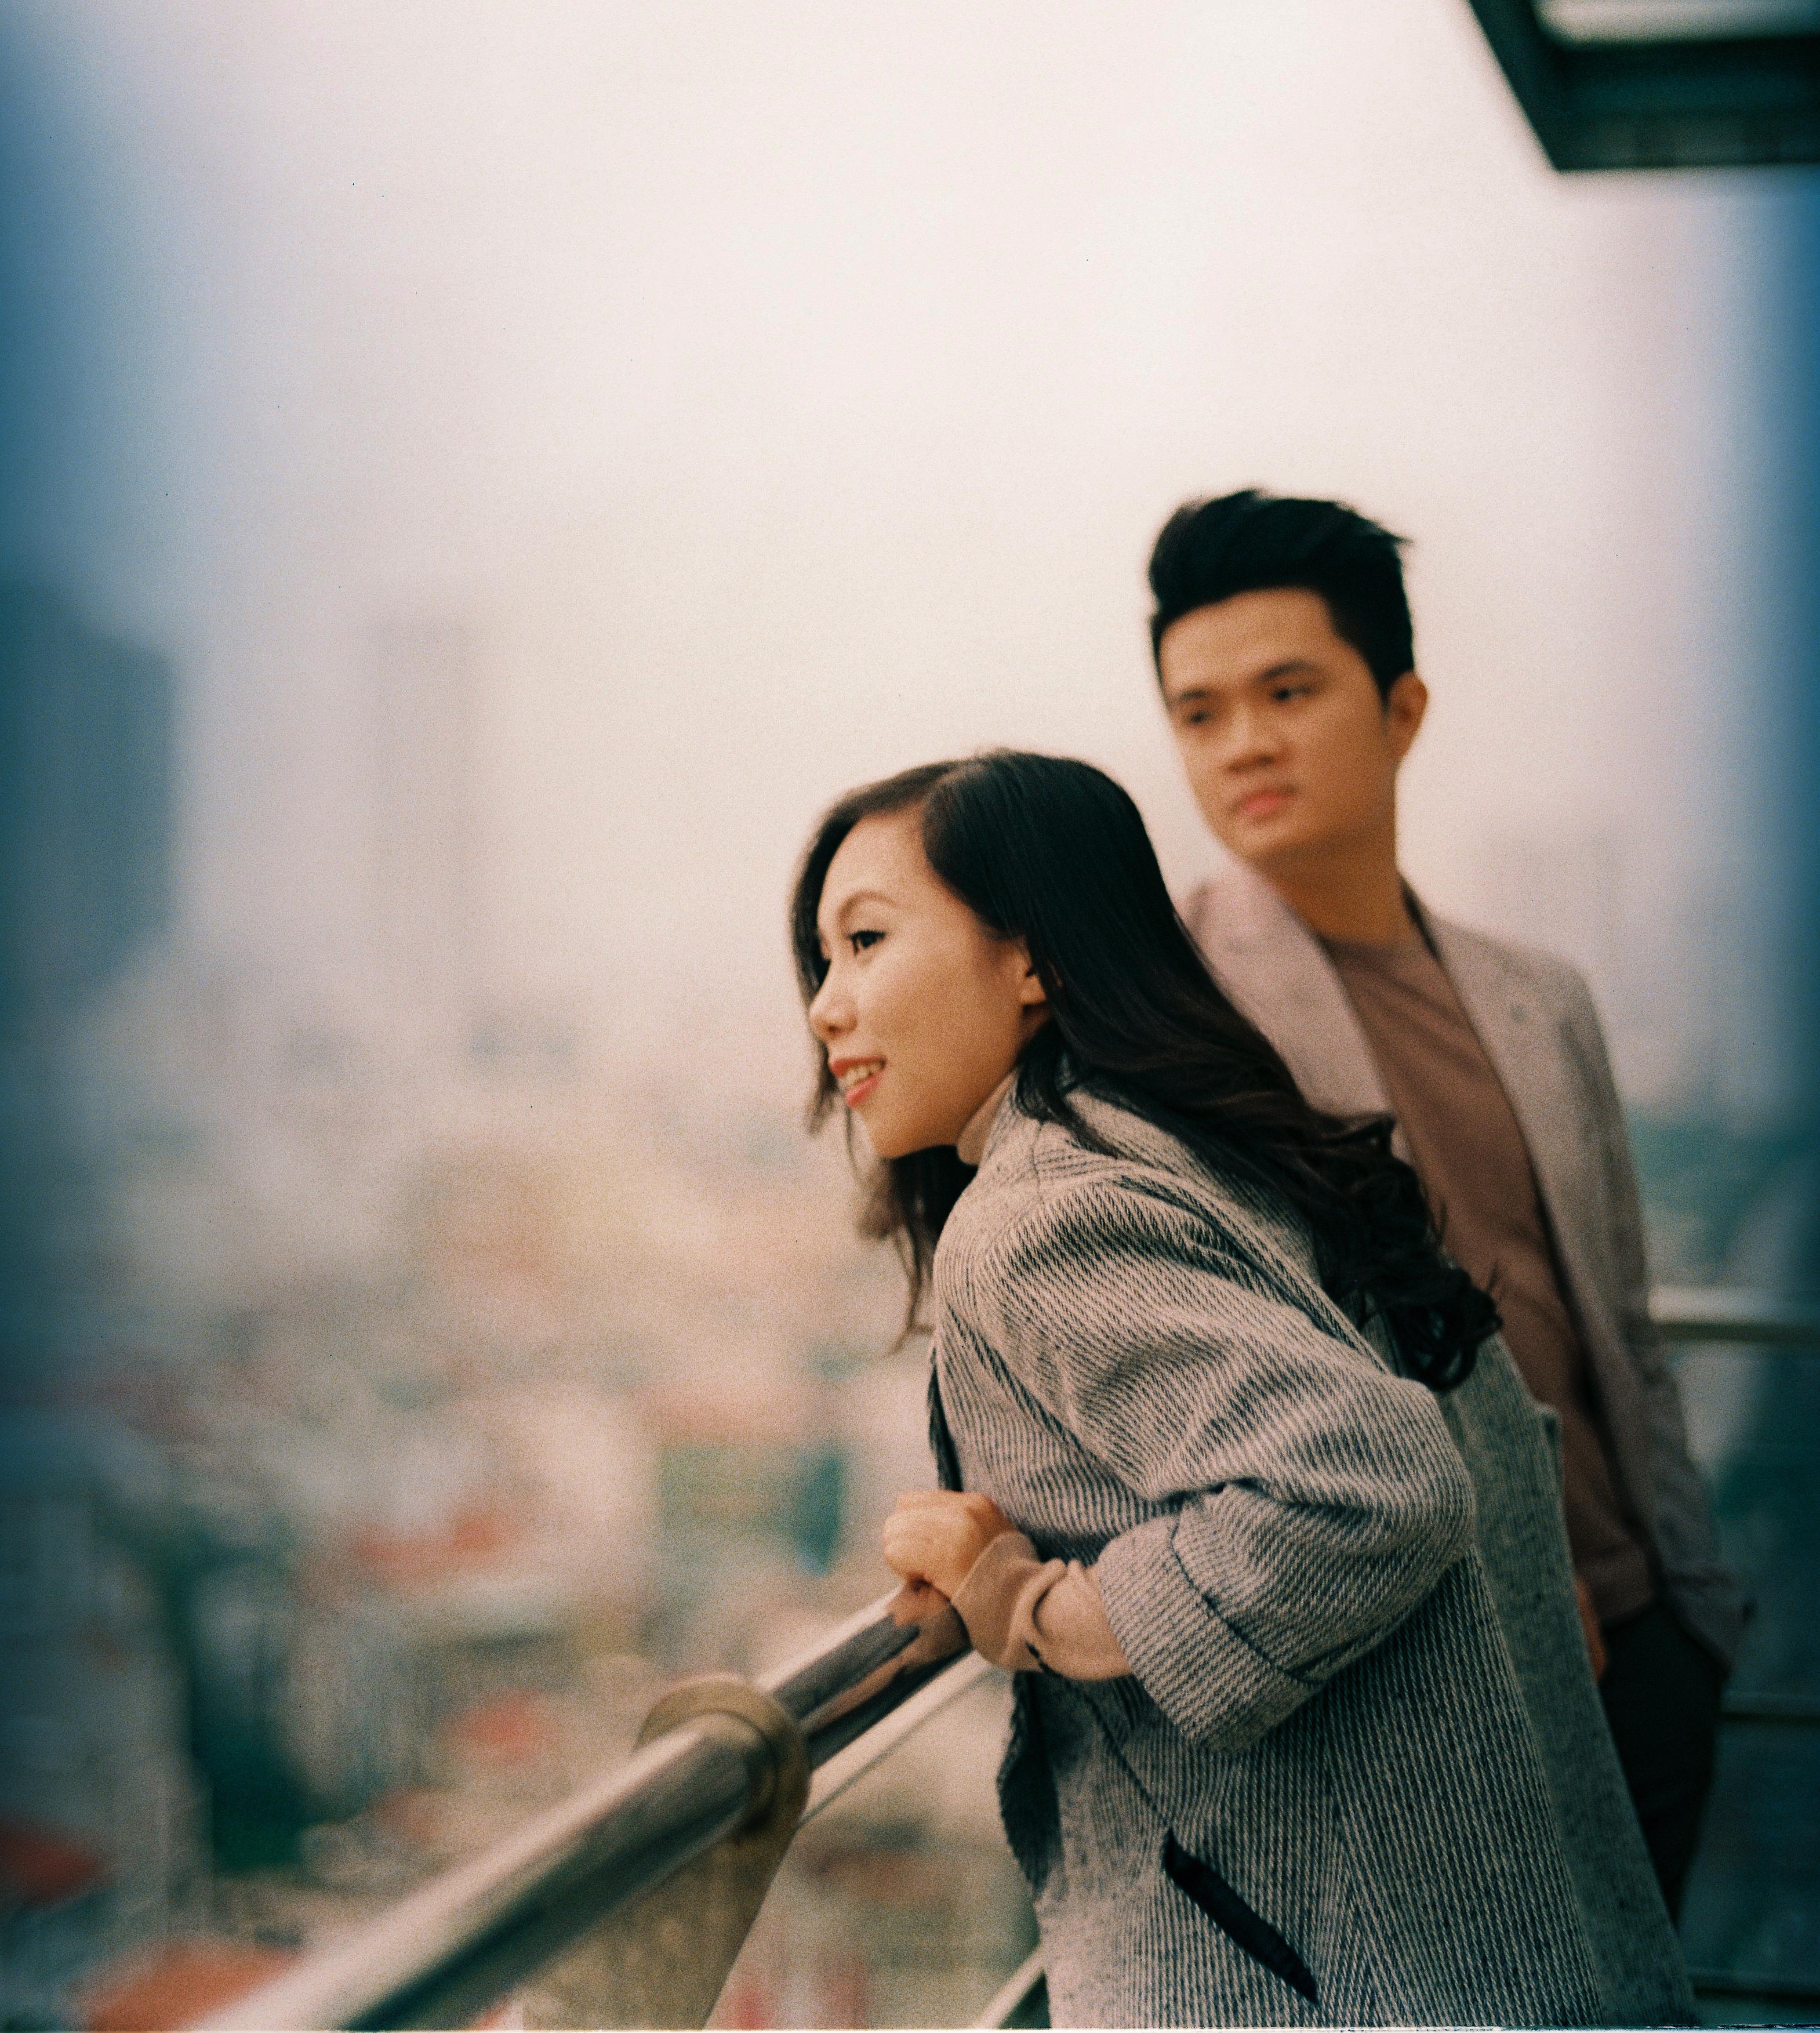 Những khung hình lãng mạn mang hơi hướng điện ảnh Hong Kong thập niên 90 thế kỷ trước mà cả hai đều yêu thích.